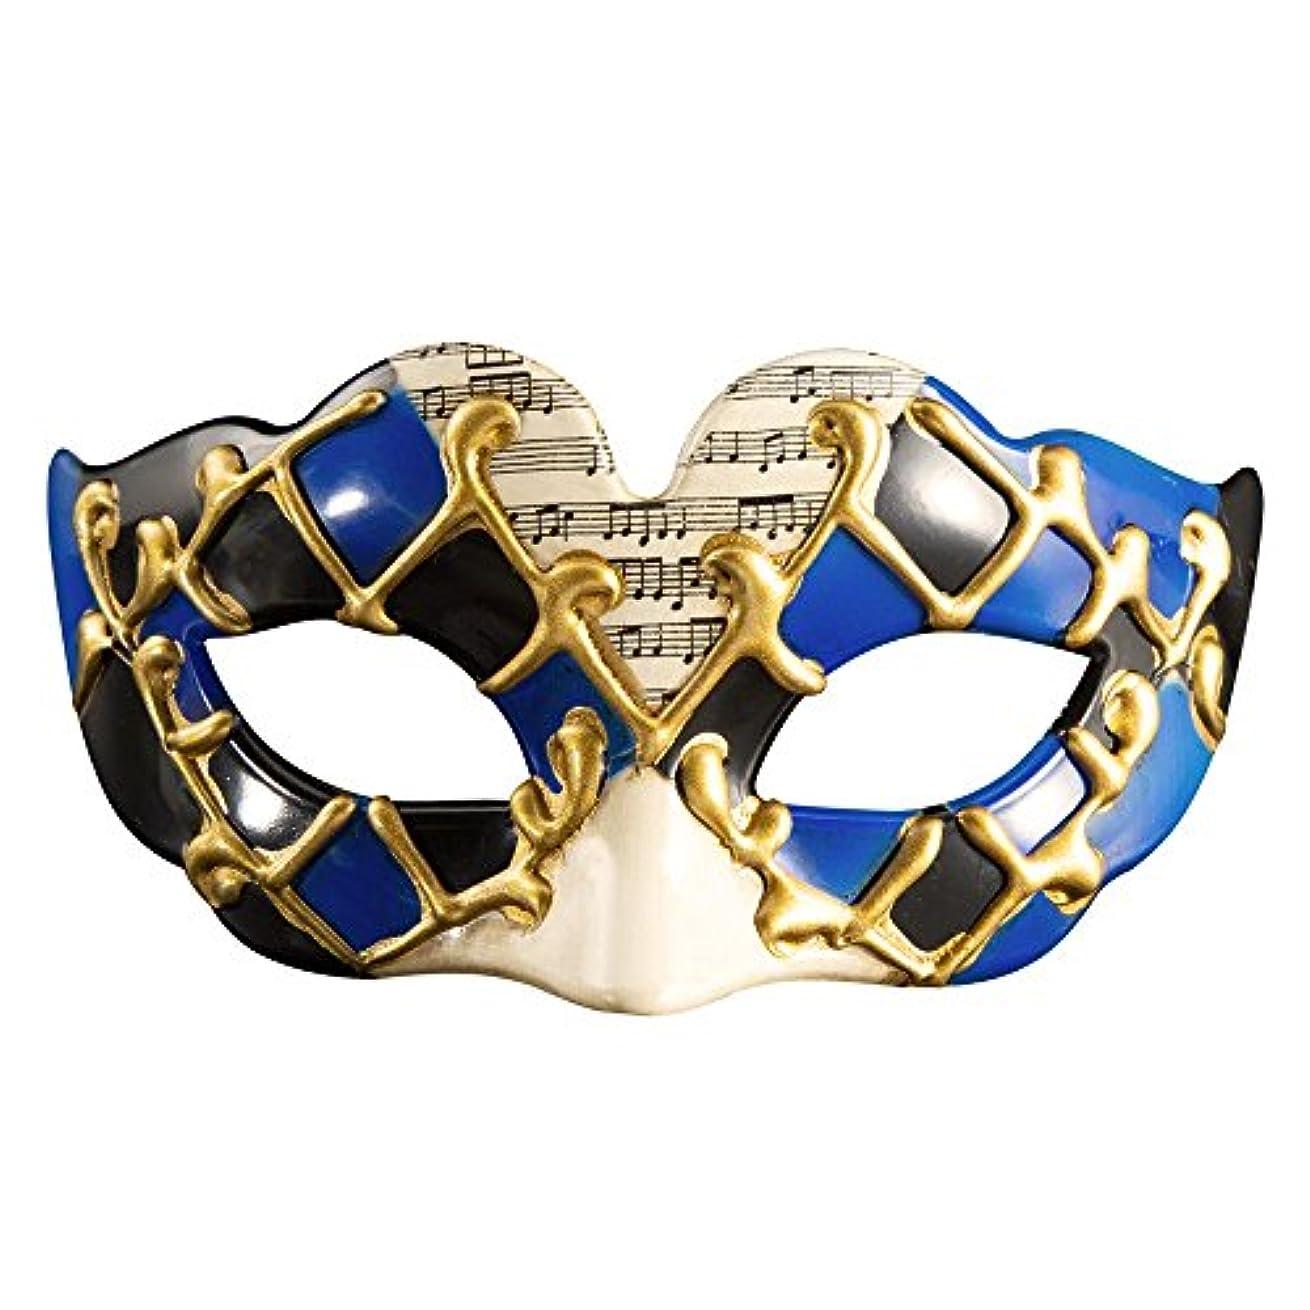 ジャンピングジャック割る違うクリエイティブ子供の半分の顔ハロウィーンマスクパーティー新しいファンシードレスボールマスク (Color : C)